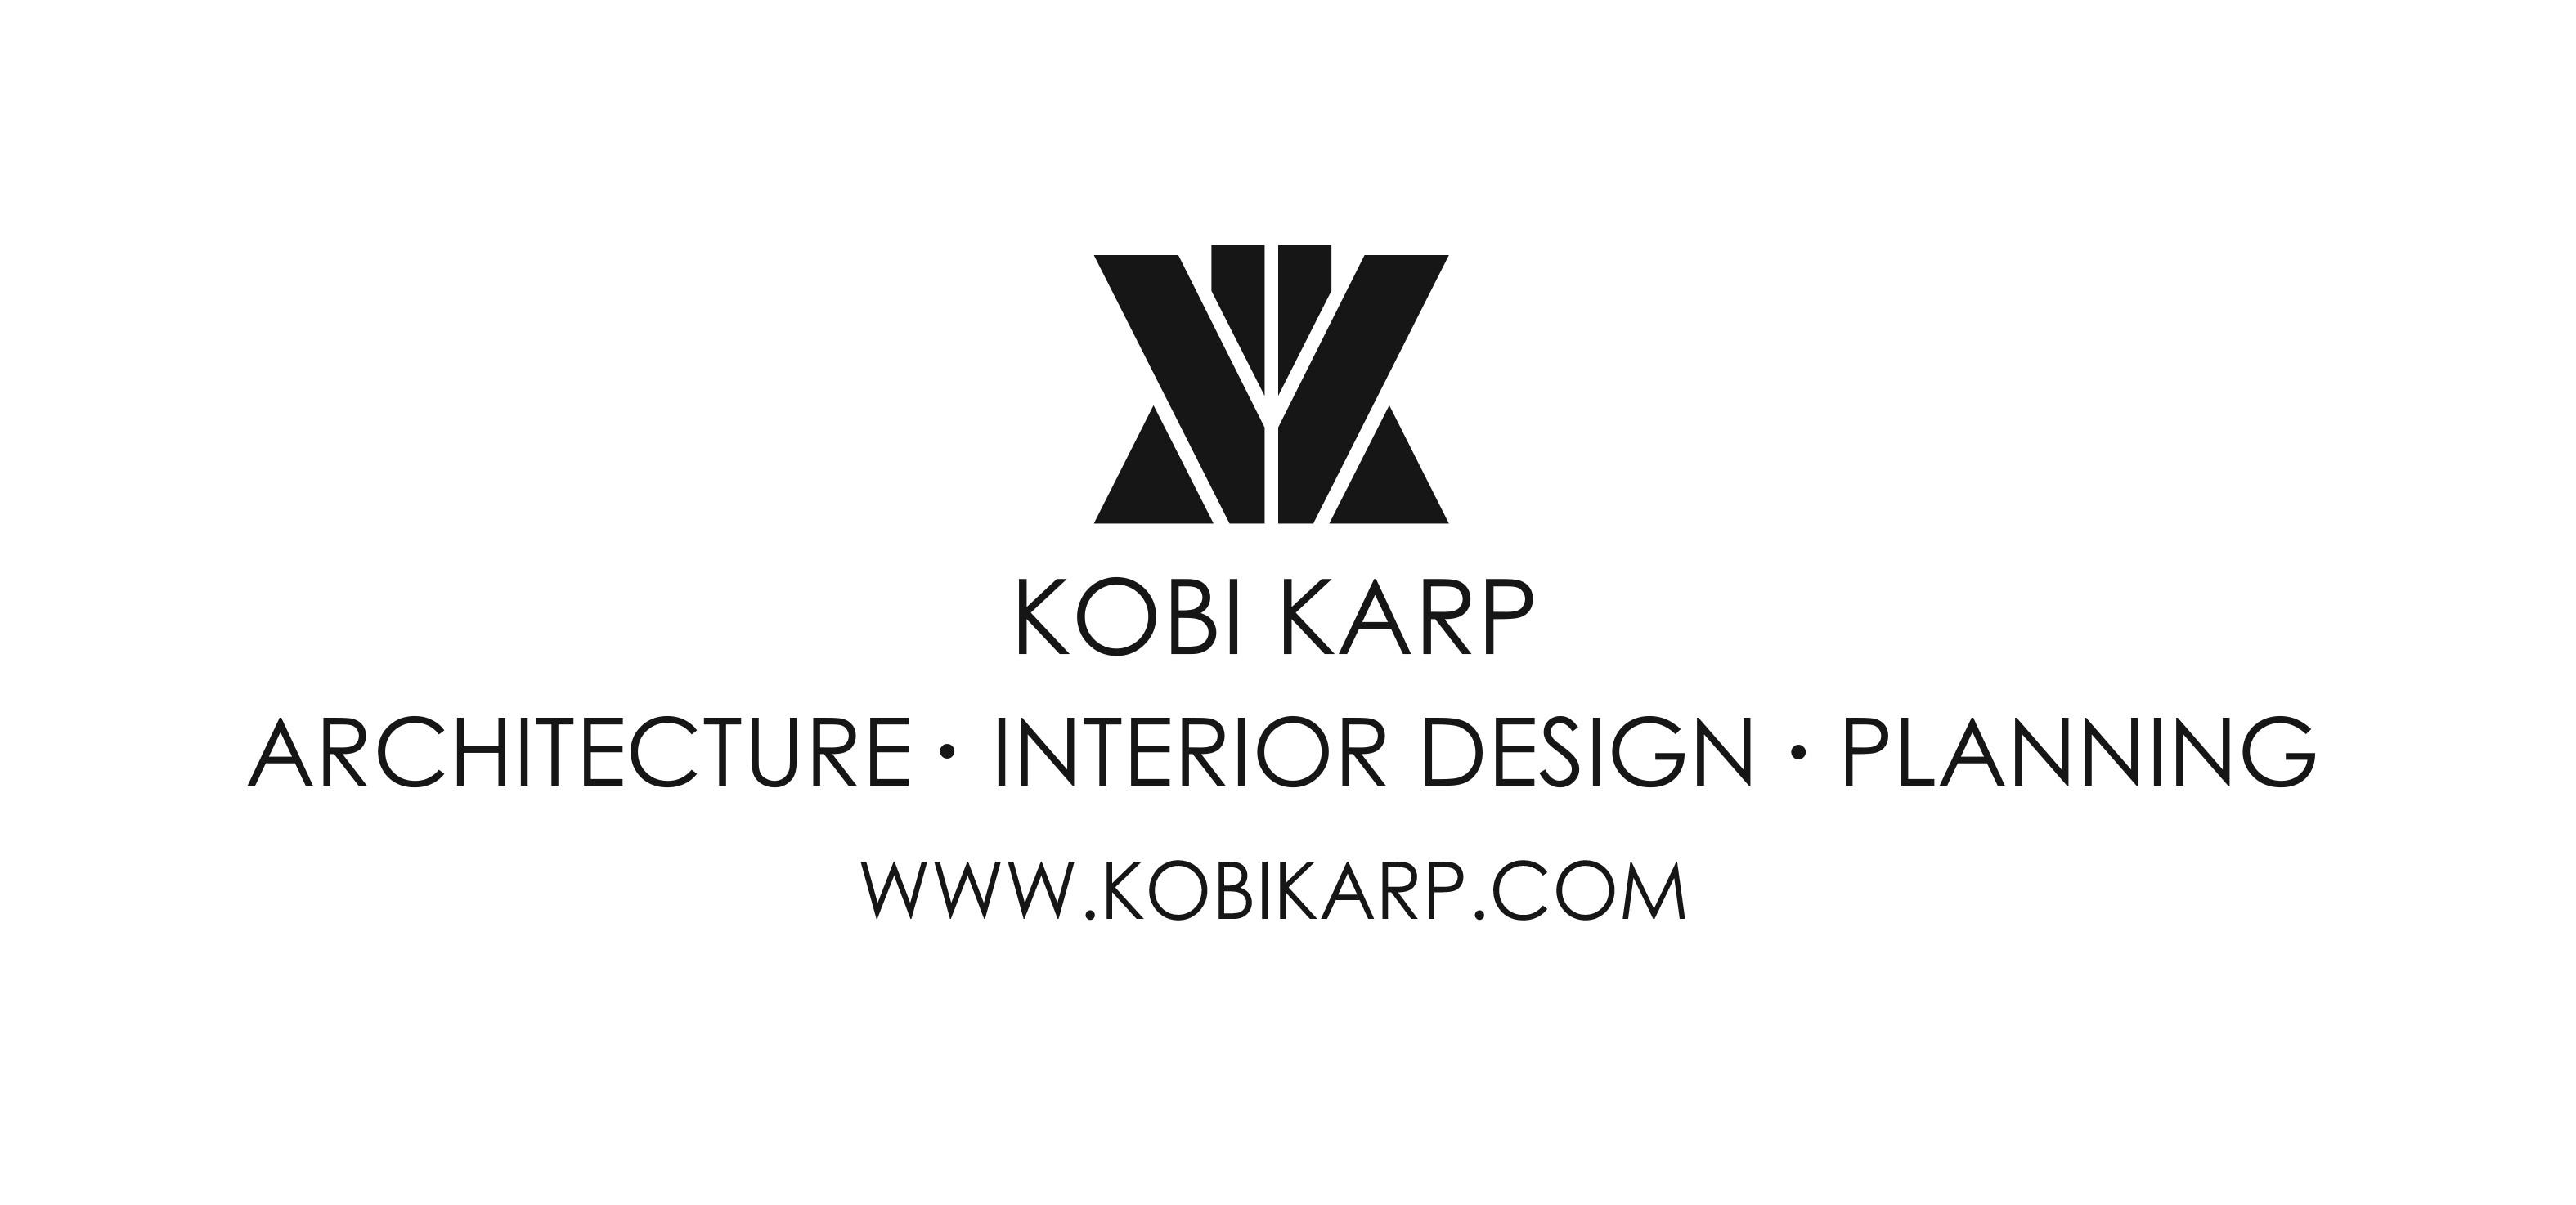 Kobi Karp Architecture Interior Design Linkedin